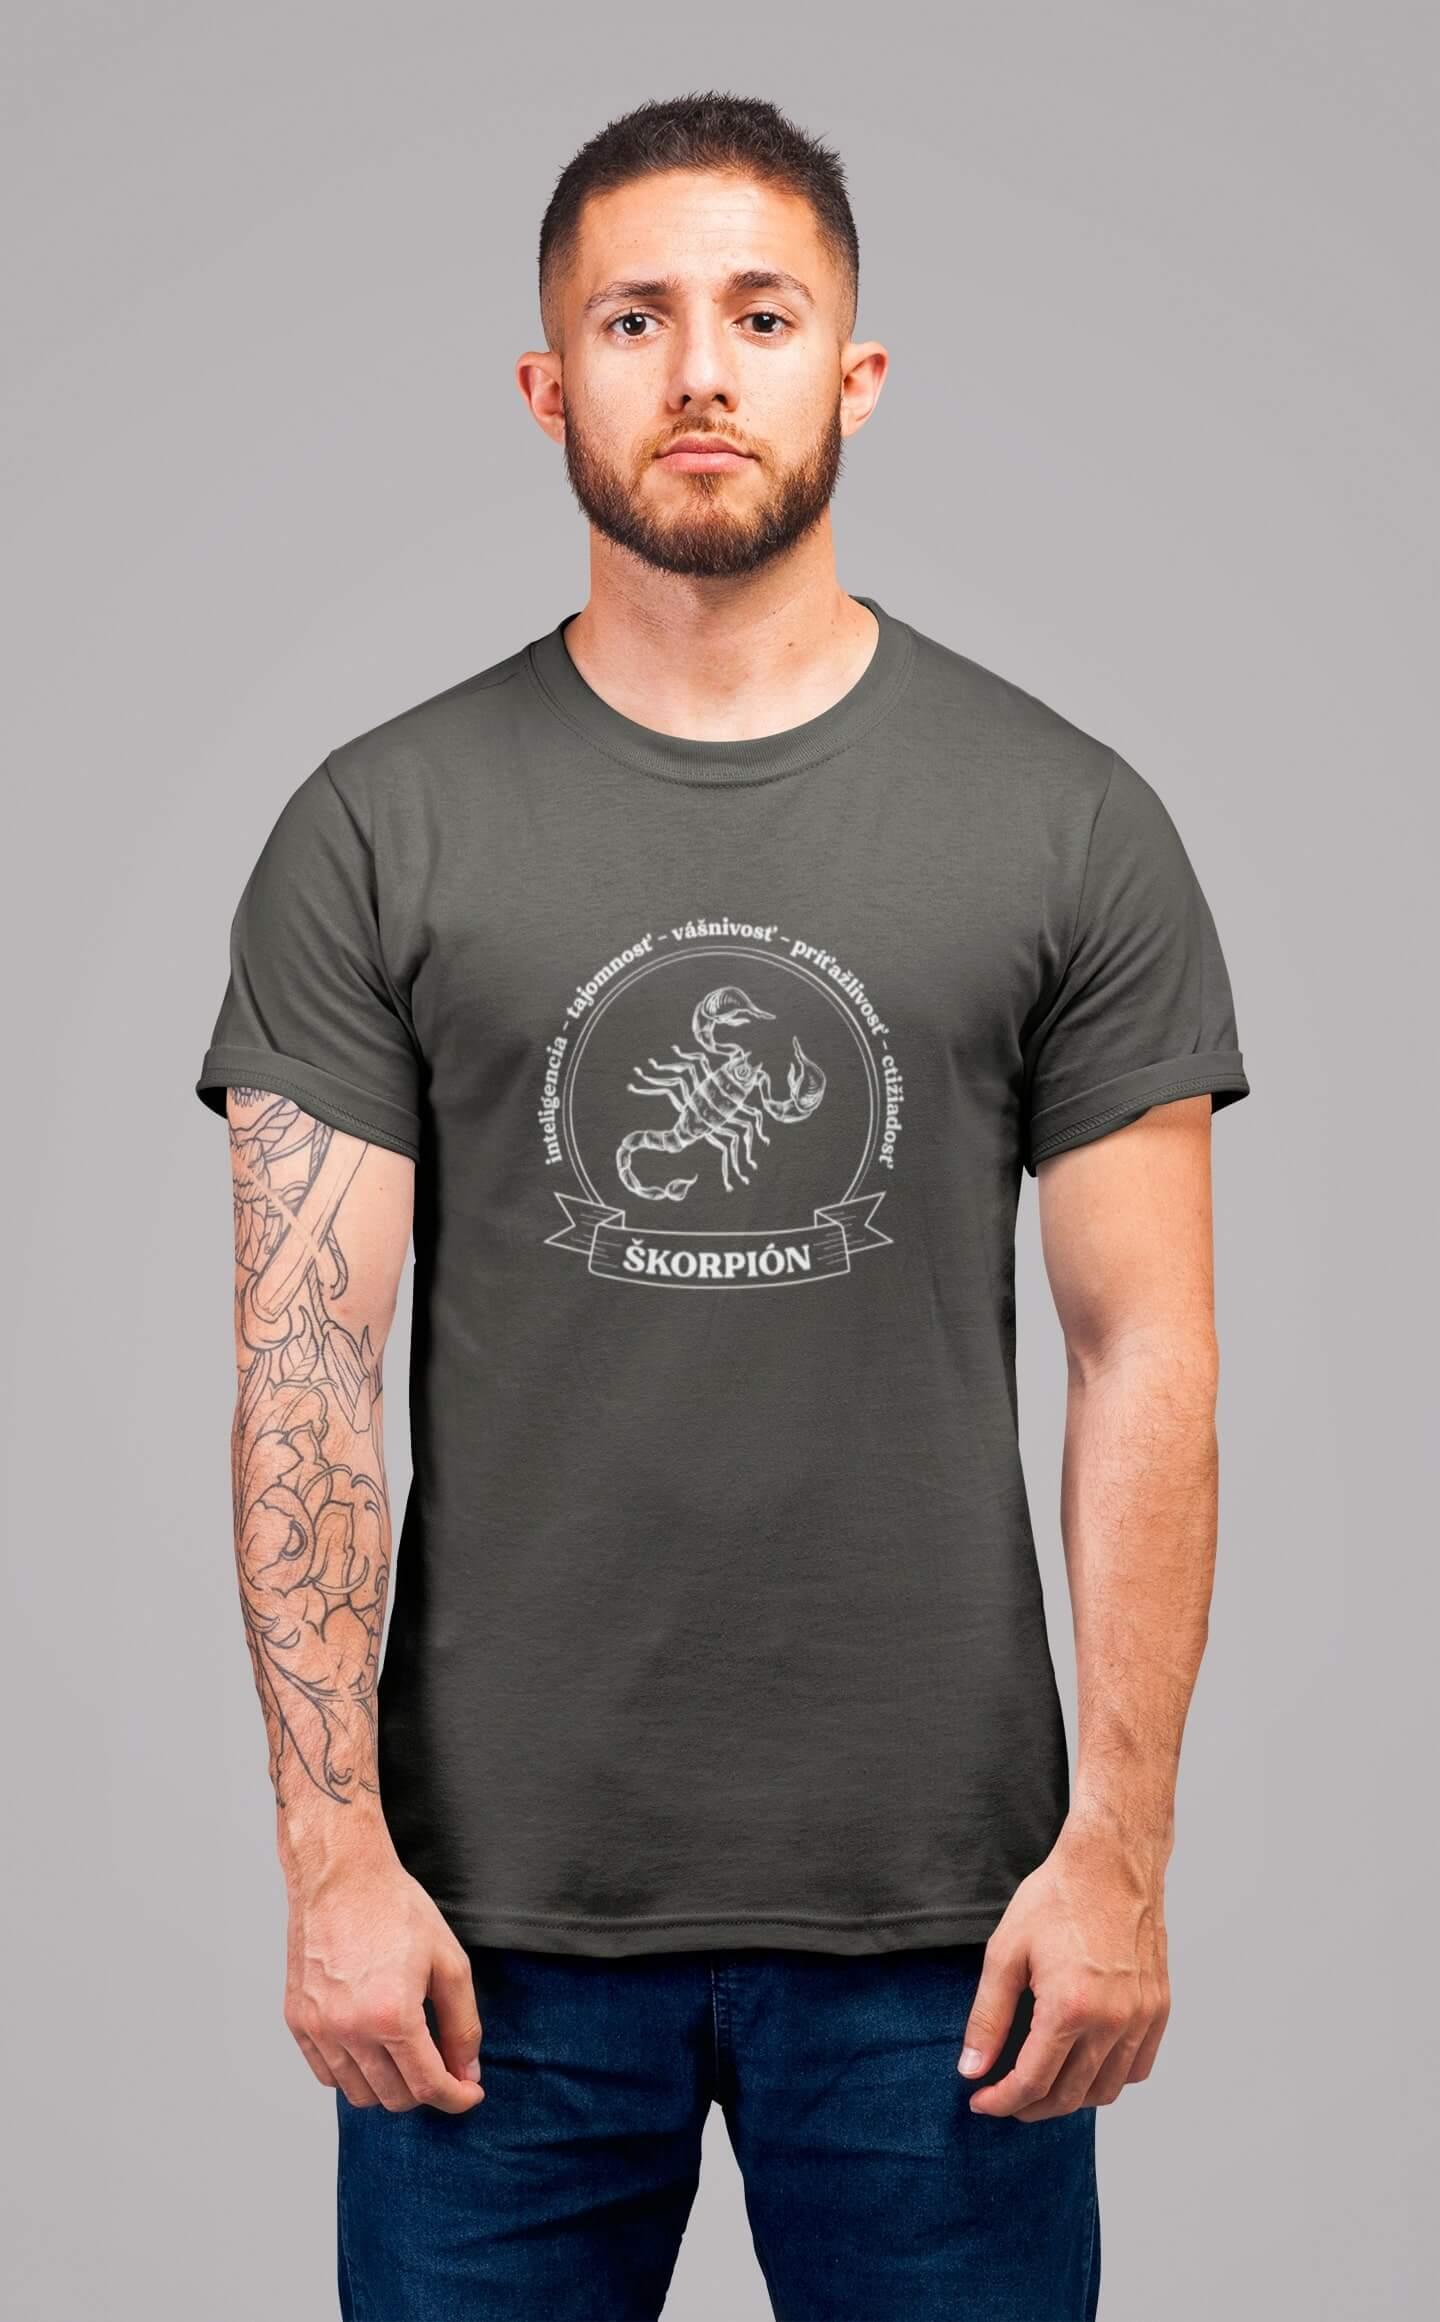 MMO Pánske tričko Škorpión Vyberte farbu: Tmavá bridlica, Vyberte veľkosť: XL